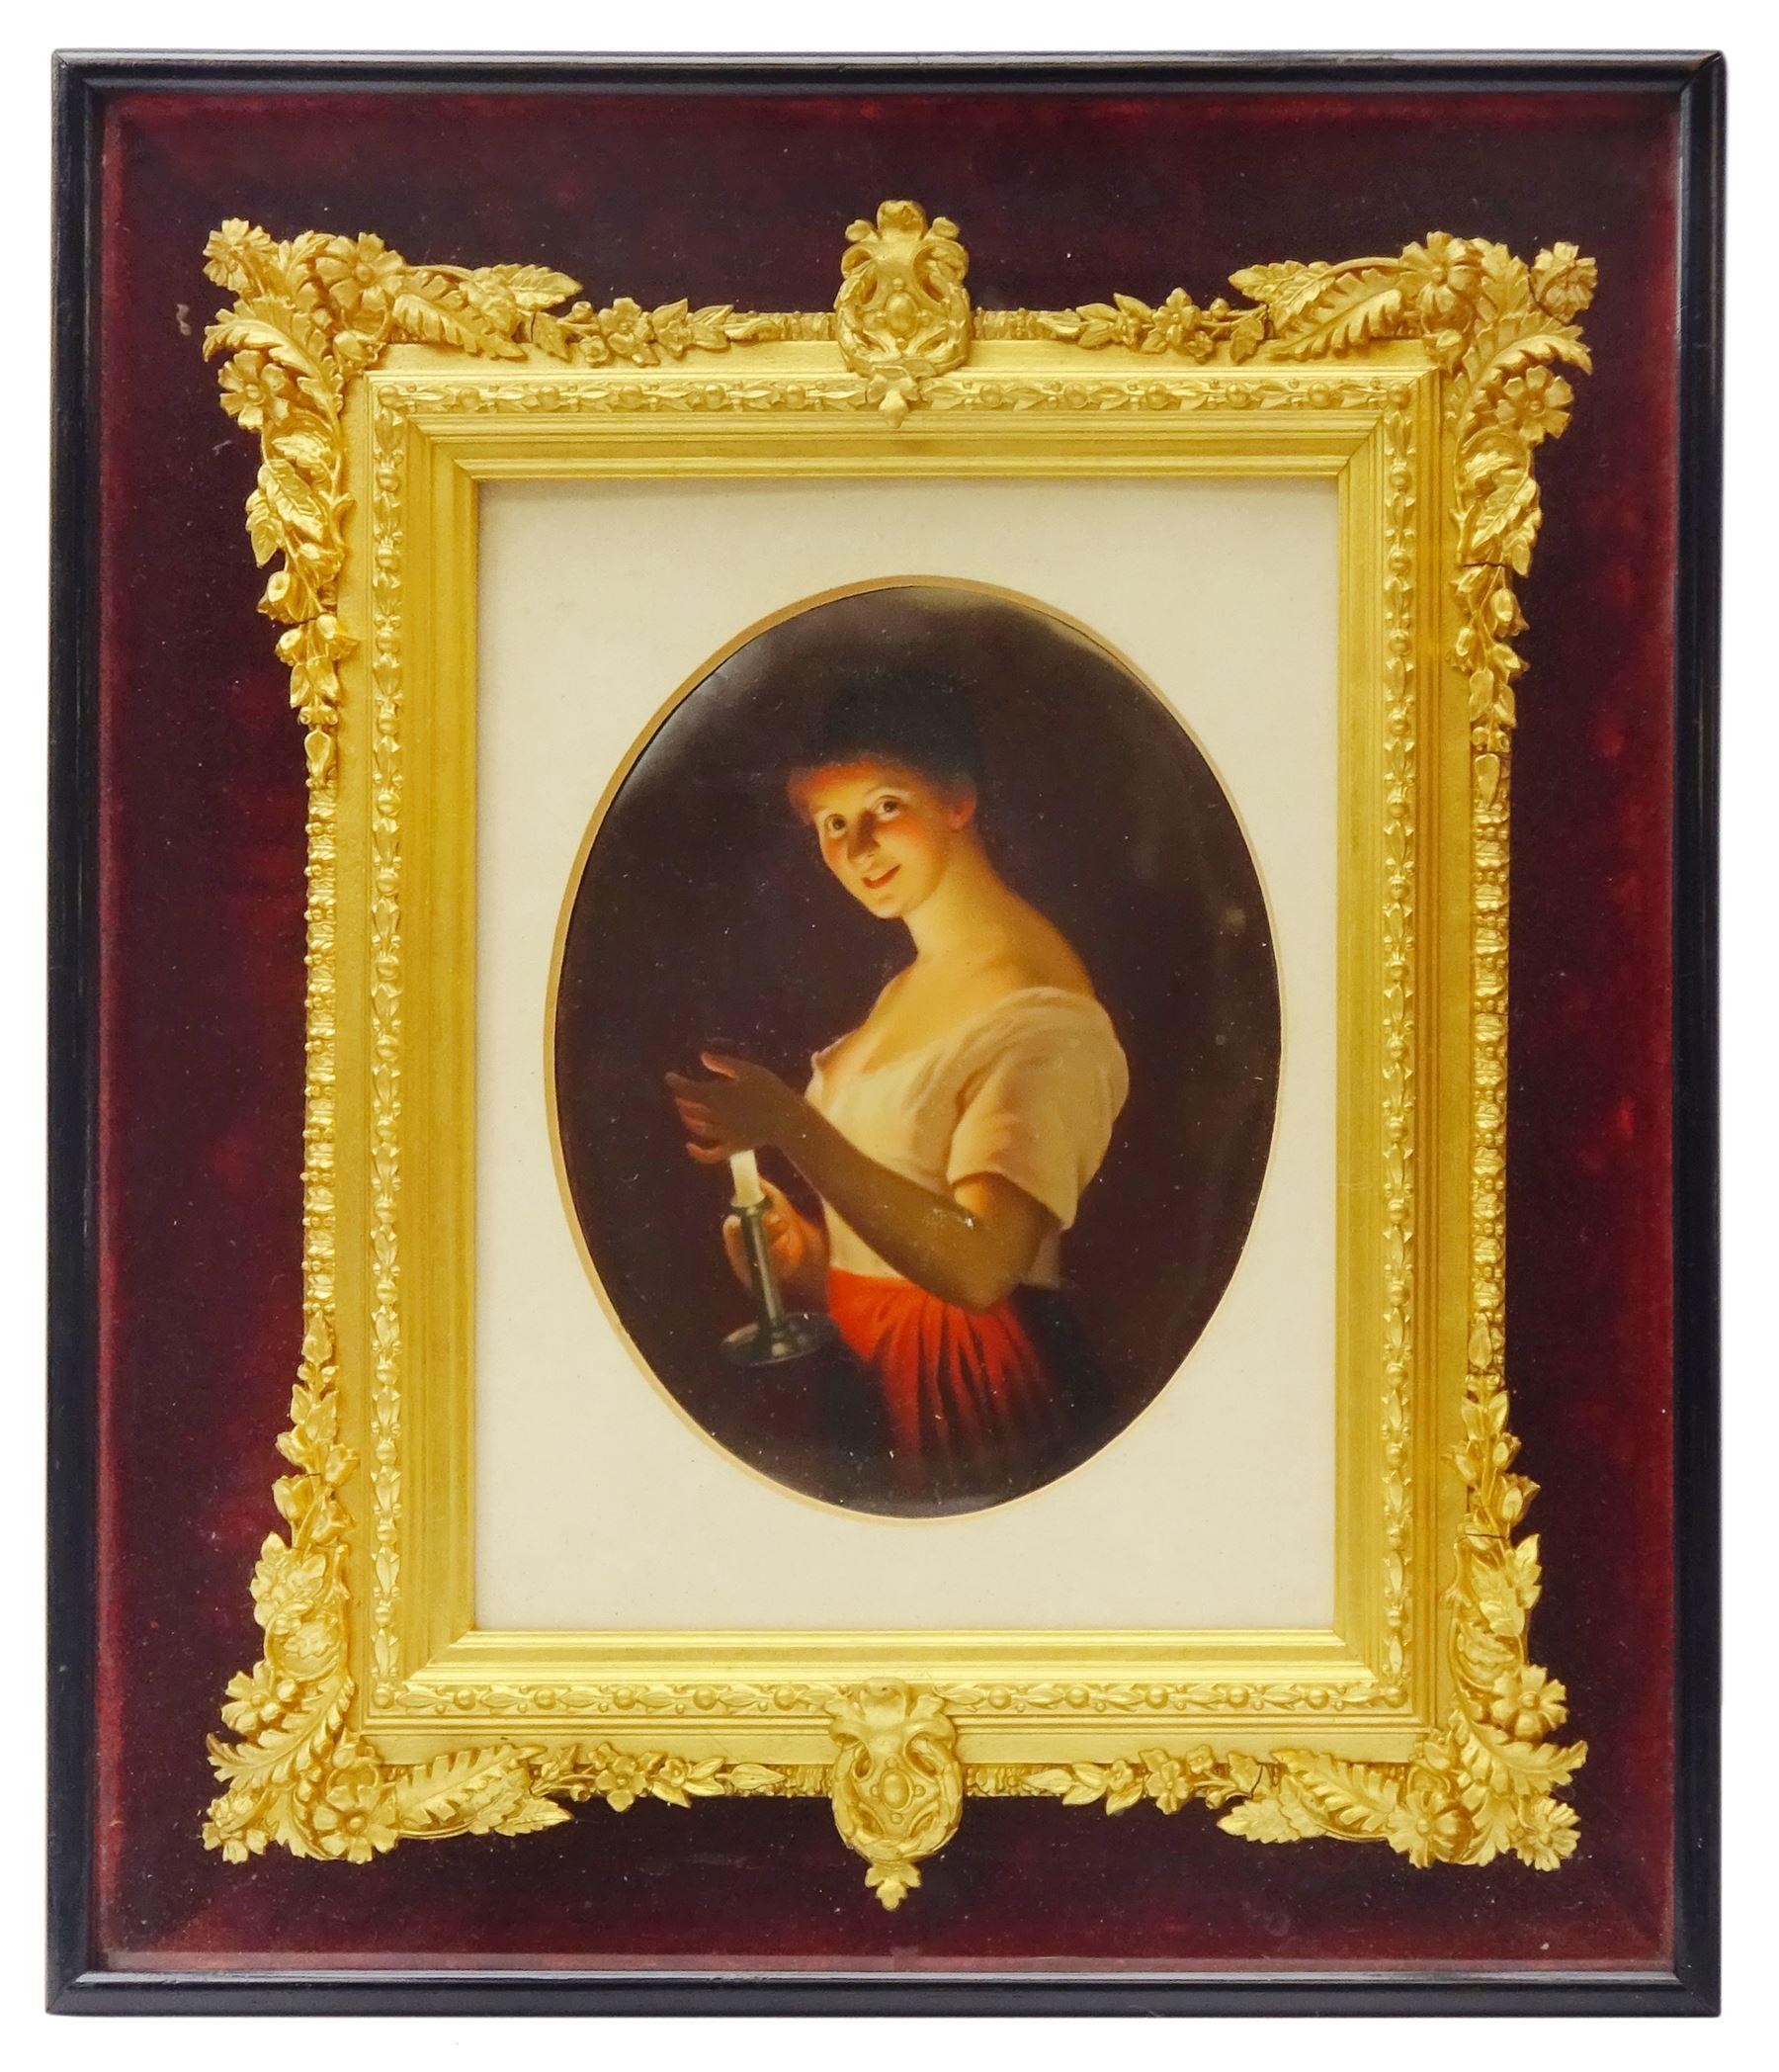 19th century Hutschenreuther porcelain plaque